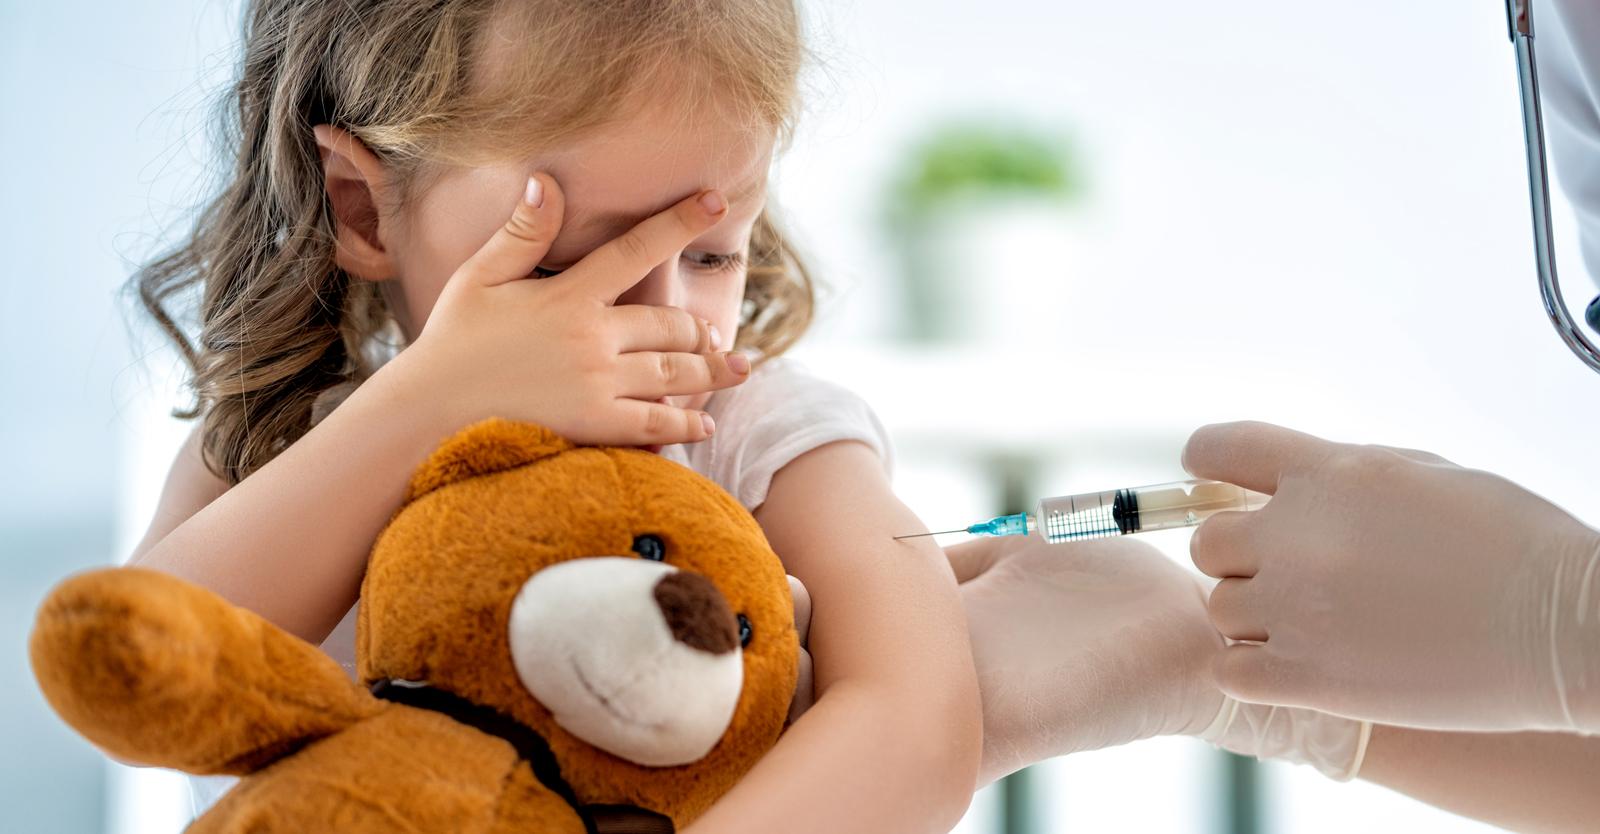 het-witte-huis-zegt-tegen-de-gouverneurs-dat-ze-jonge-kinderen-moeten-inenten,-ook-al-heeft-de-fda-dat-nog-niet-goedgekeurd-kinderarts-zegt,-niet-zo-snel.